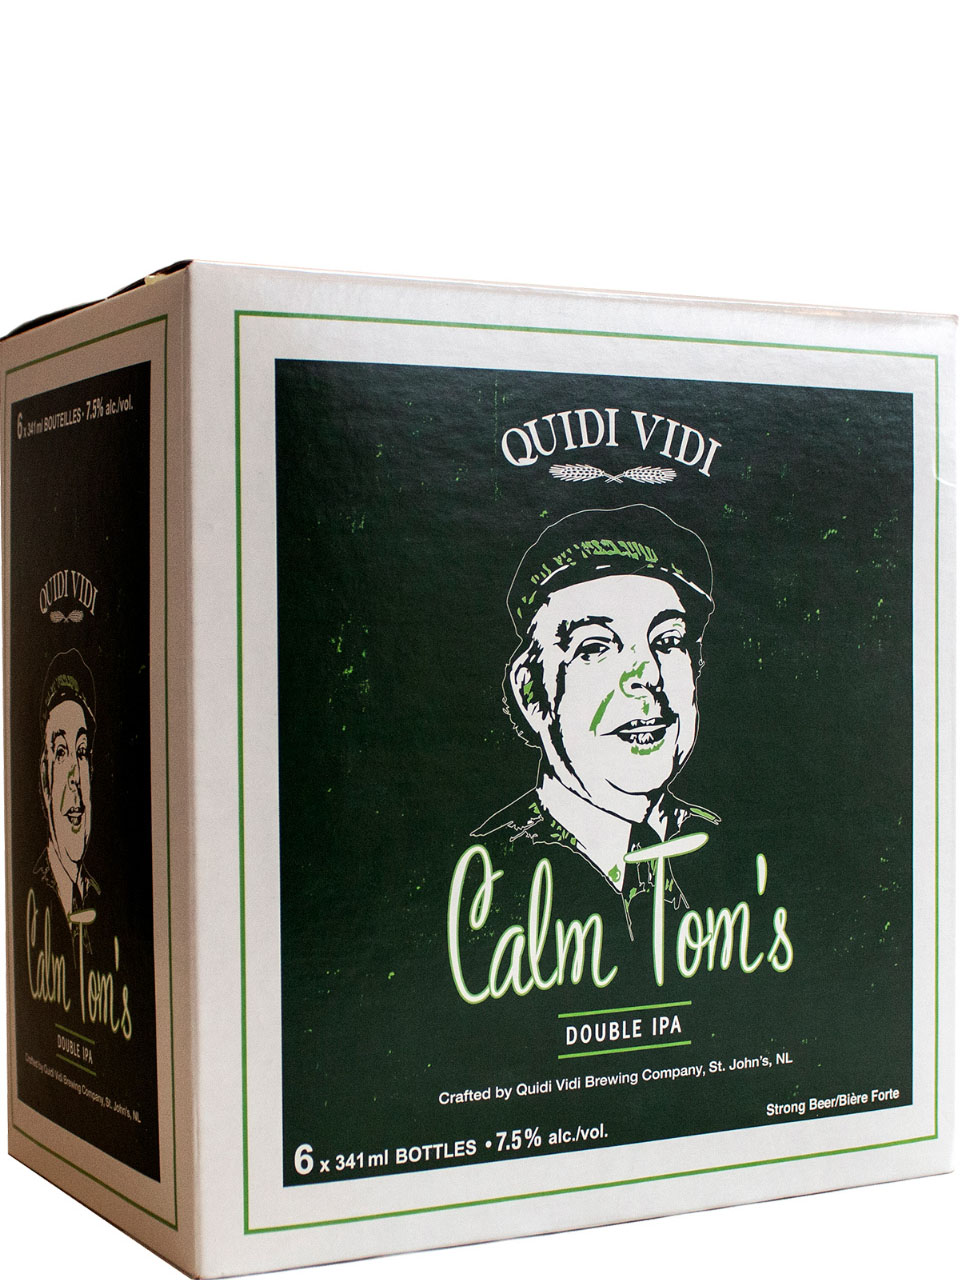 Quidi Vidi Calm Tom's Double IPA 6 Pack Bottles